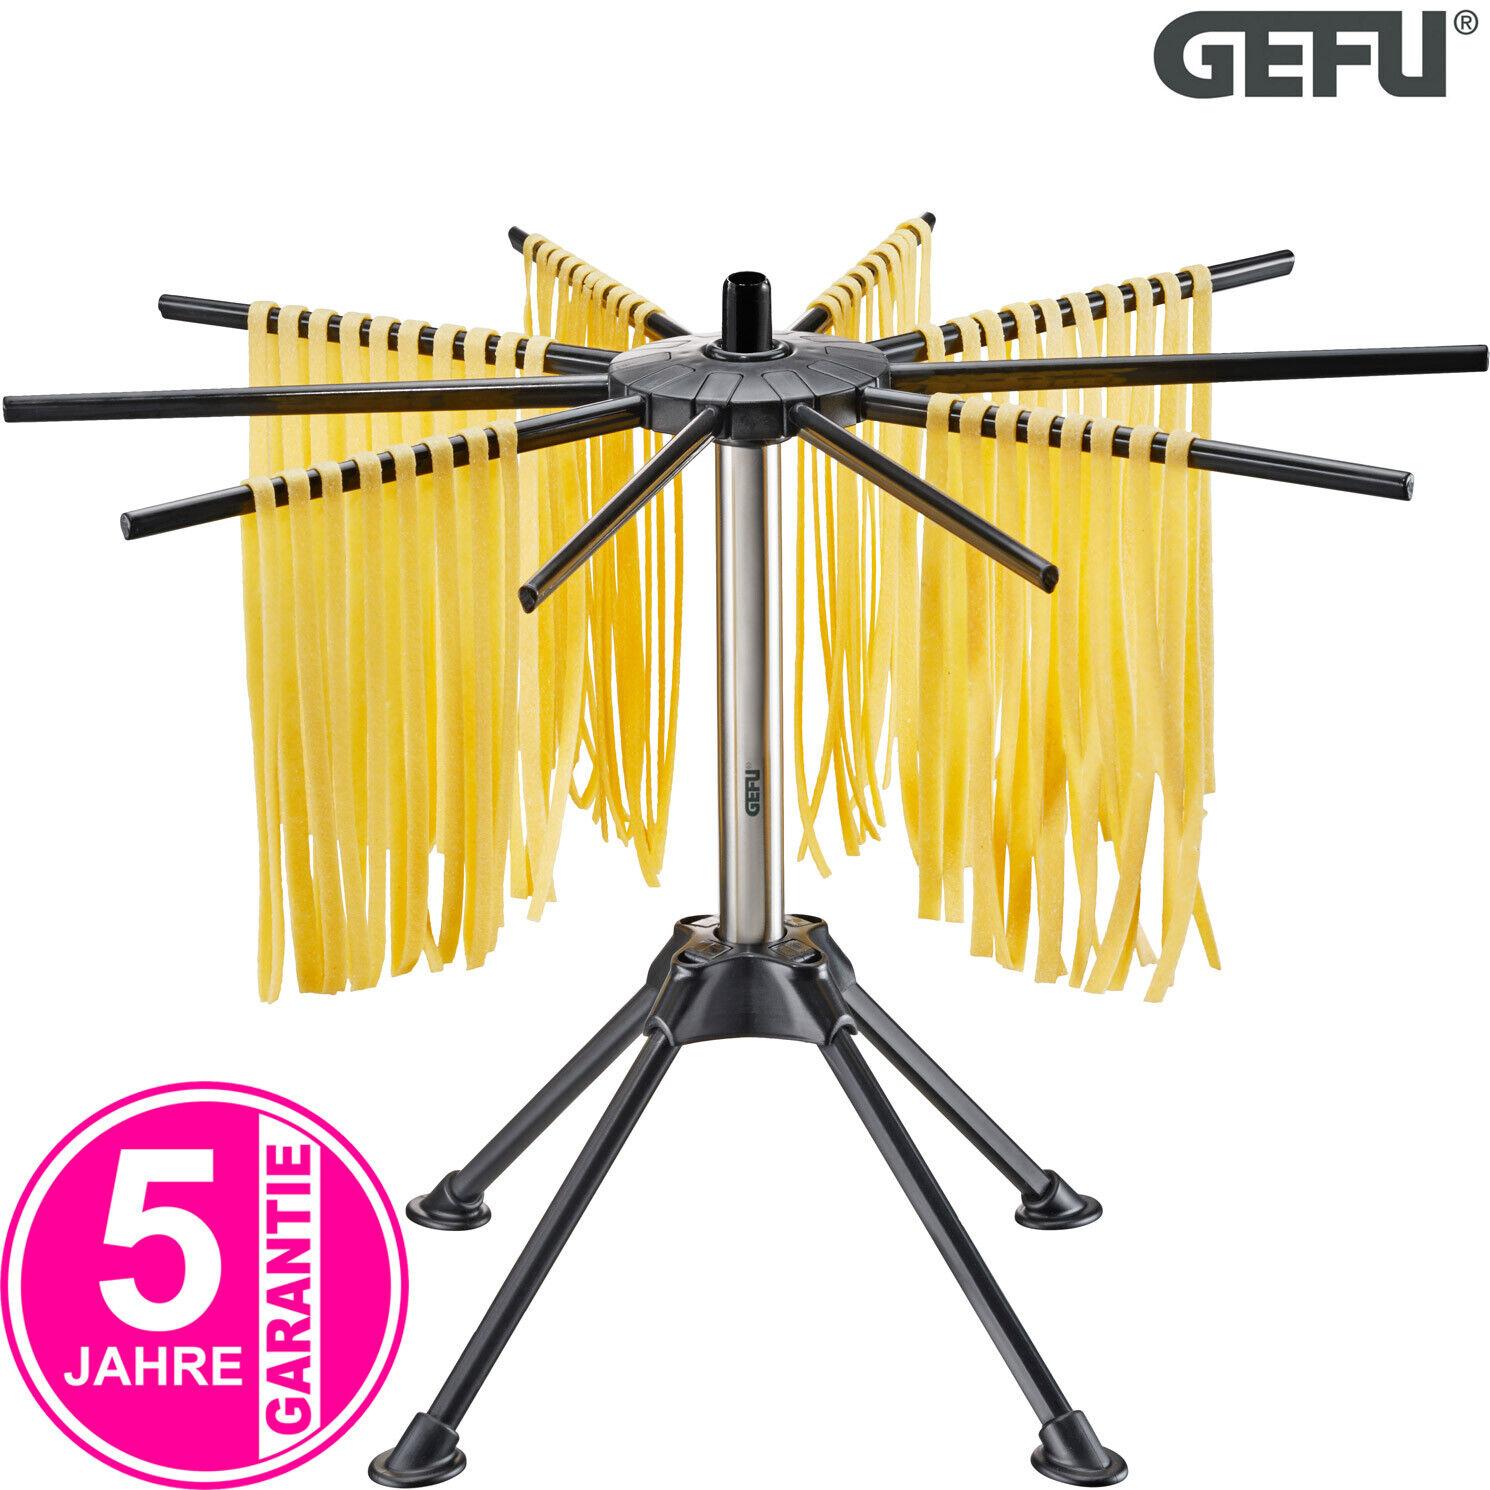 GEFU 28371 Pasta-Trockner Nudel Ständer Pasta-Halter Zubehör für Nudelmaschine